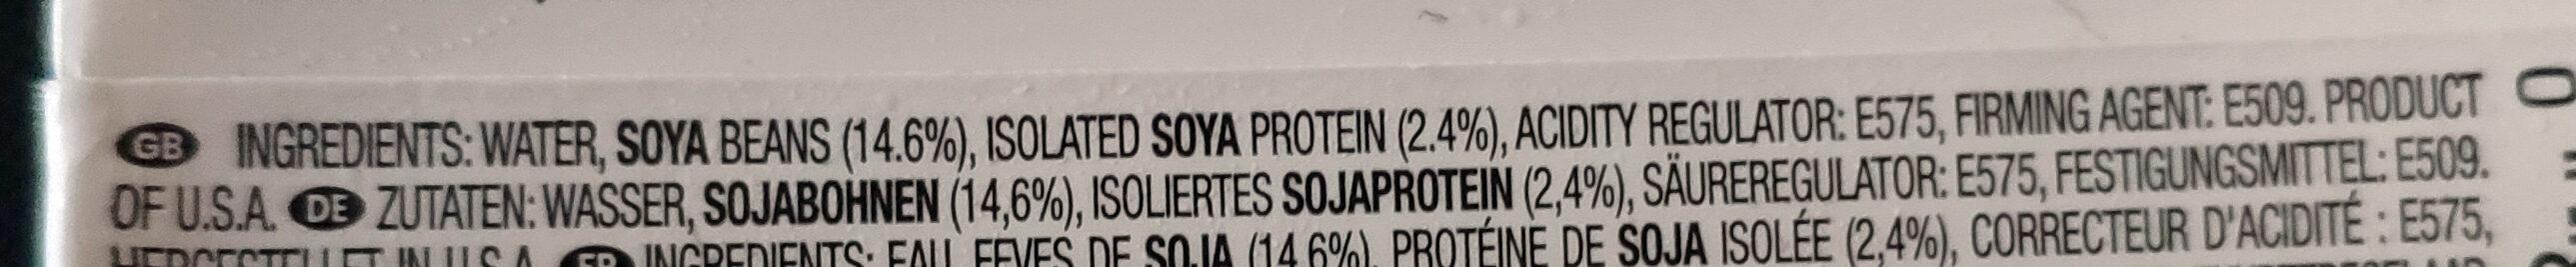 Mori-nu Silken Tofu Firm - Ingredients - en